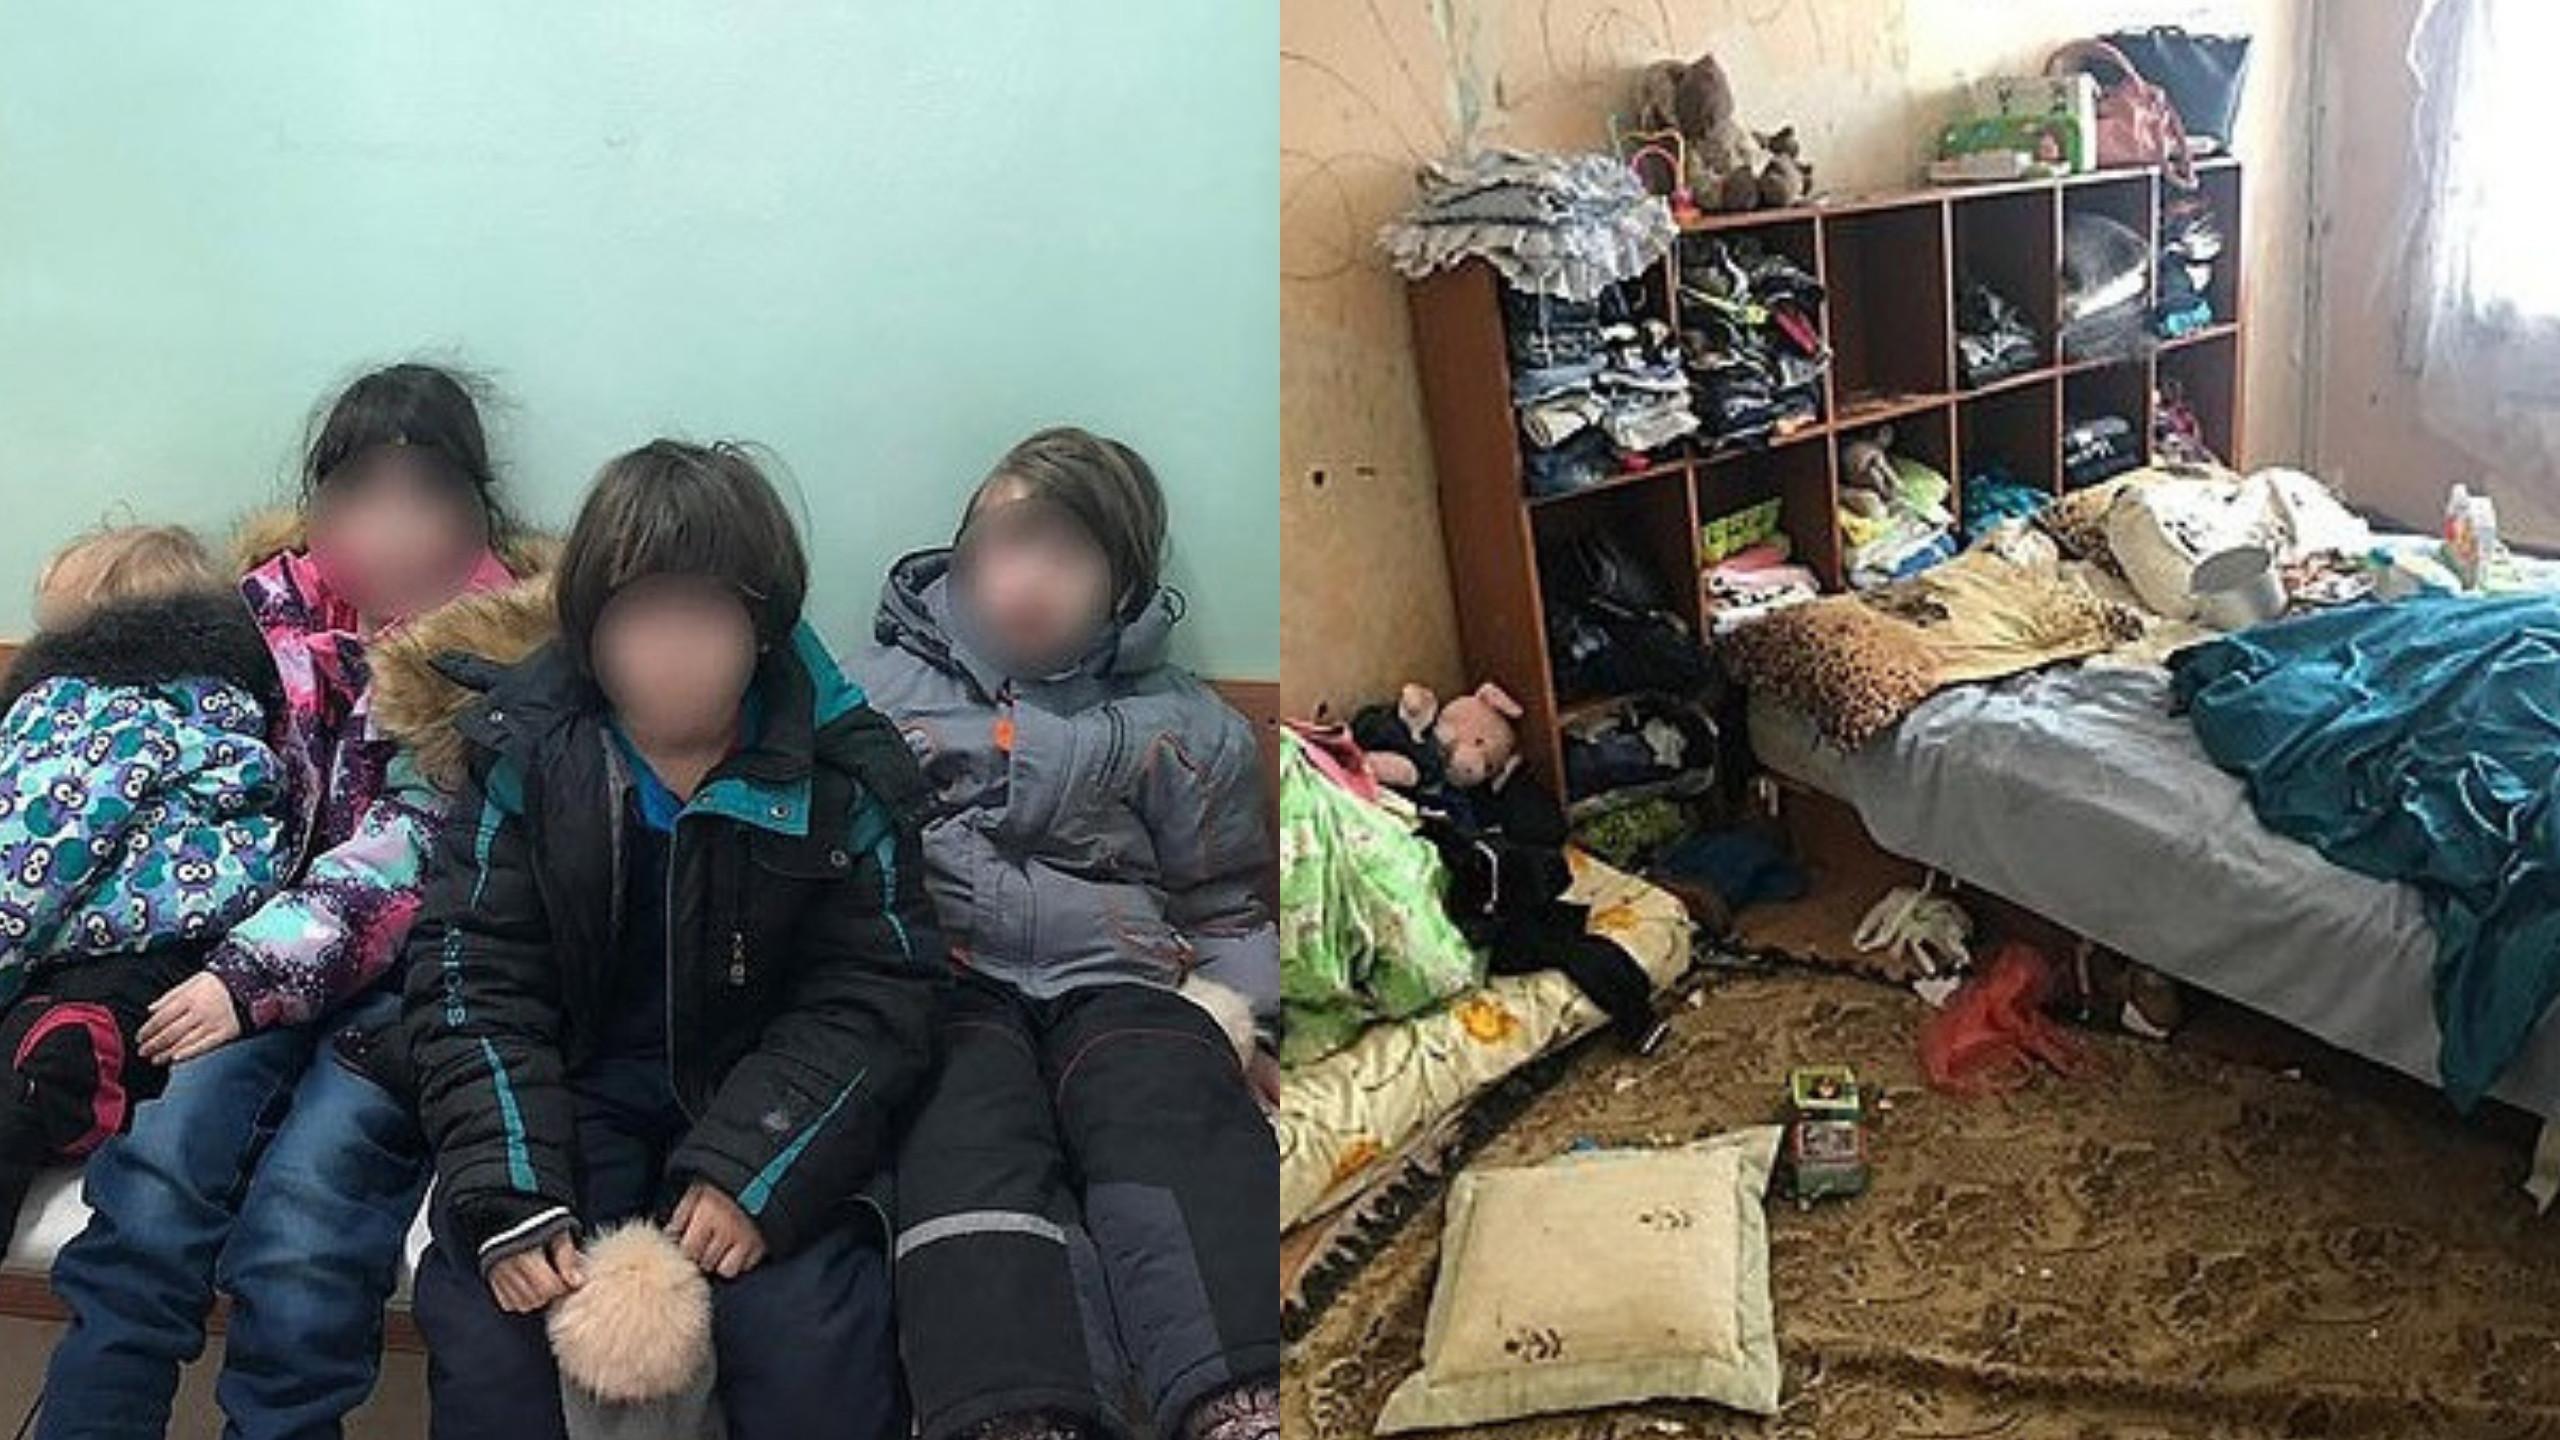 Quatro crianças resgatadas após denúncia. Viviam no lixo, mal sabem falar